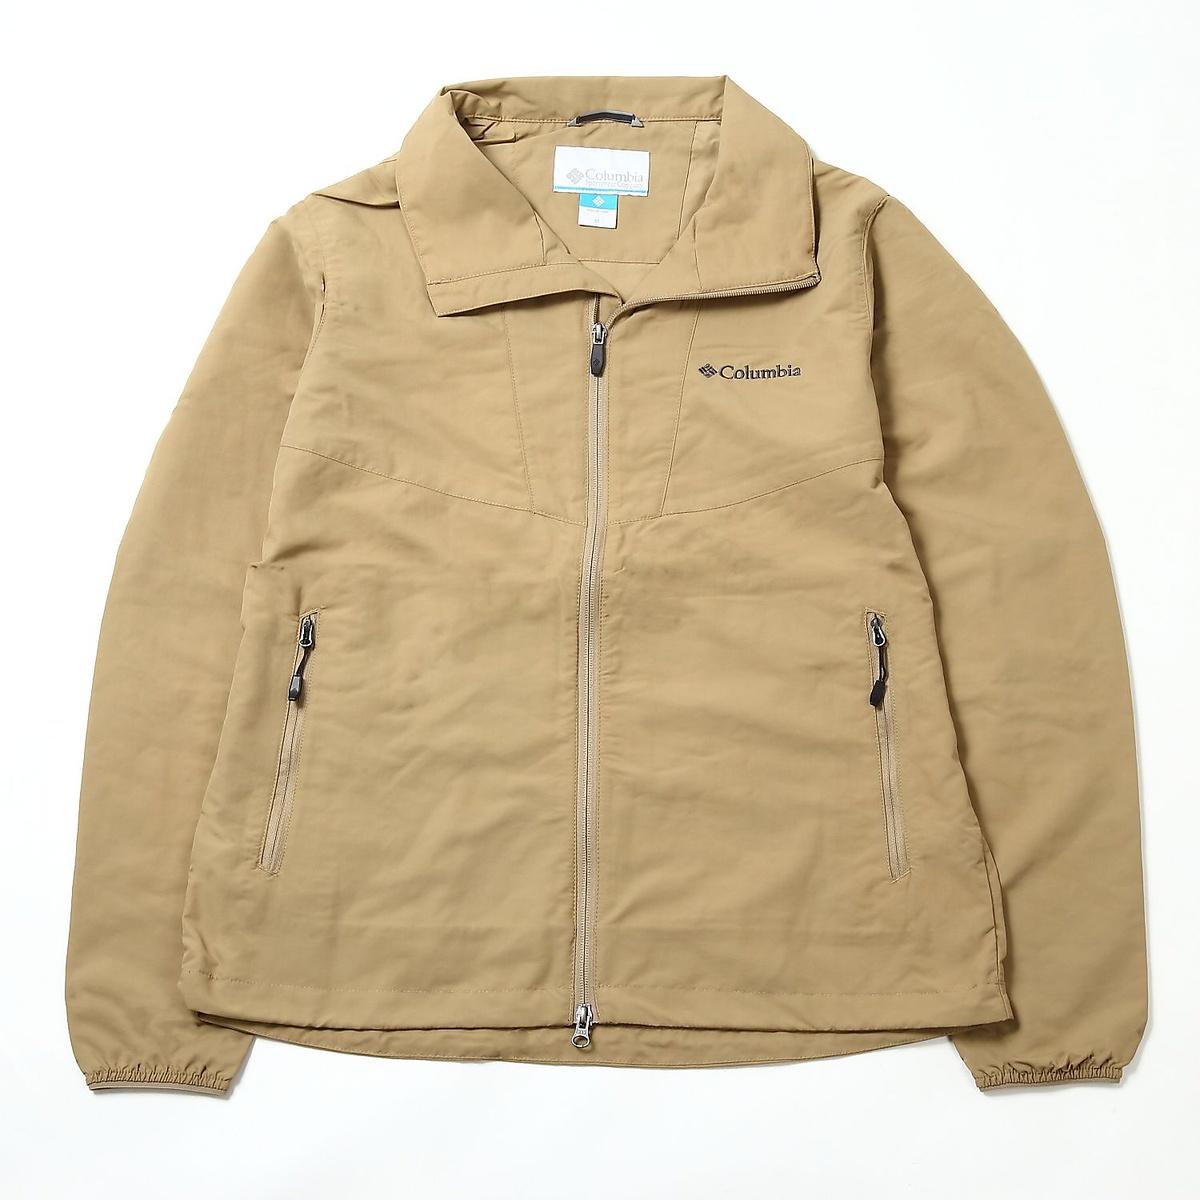 【送料無料】 Columbia (コロンビア) トレッキング アウトドア 薄手ジャケット ウィルスアイルジャケット メンズ CROUTON PM3789-243